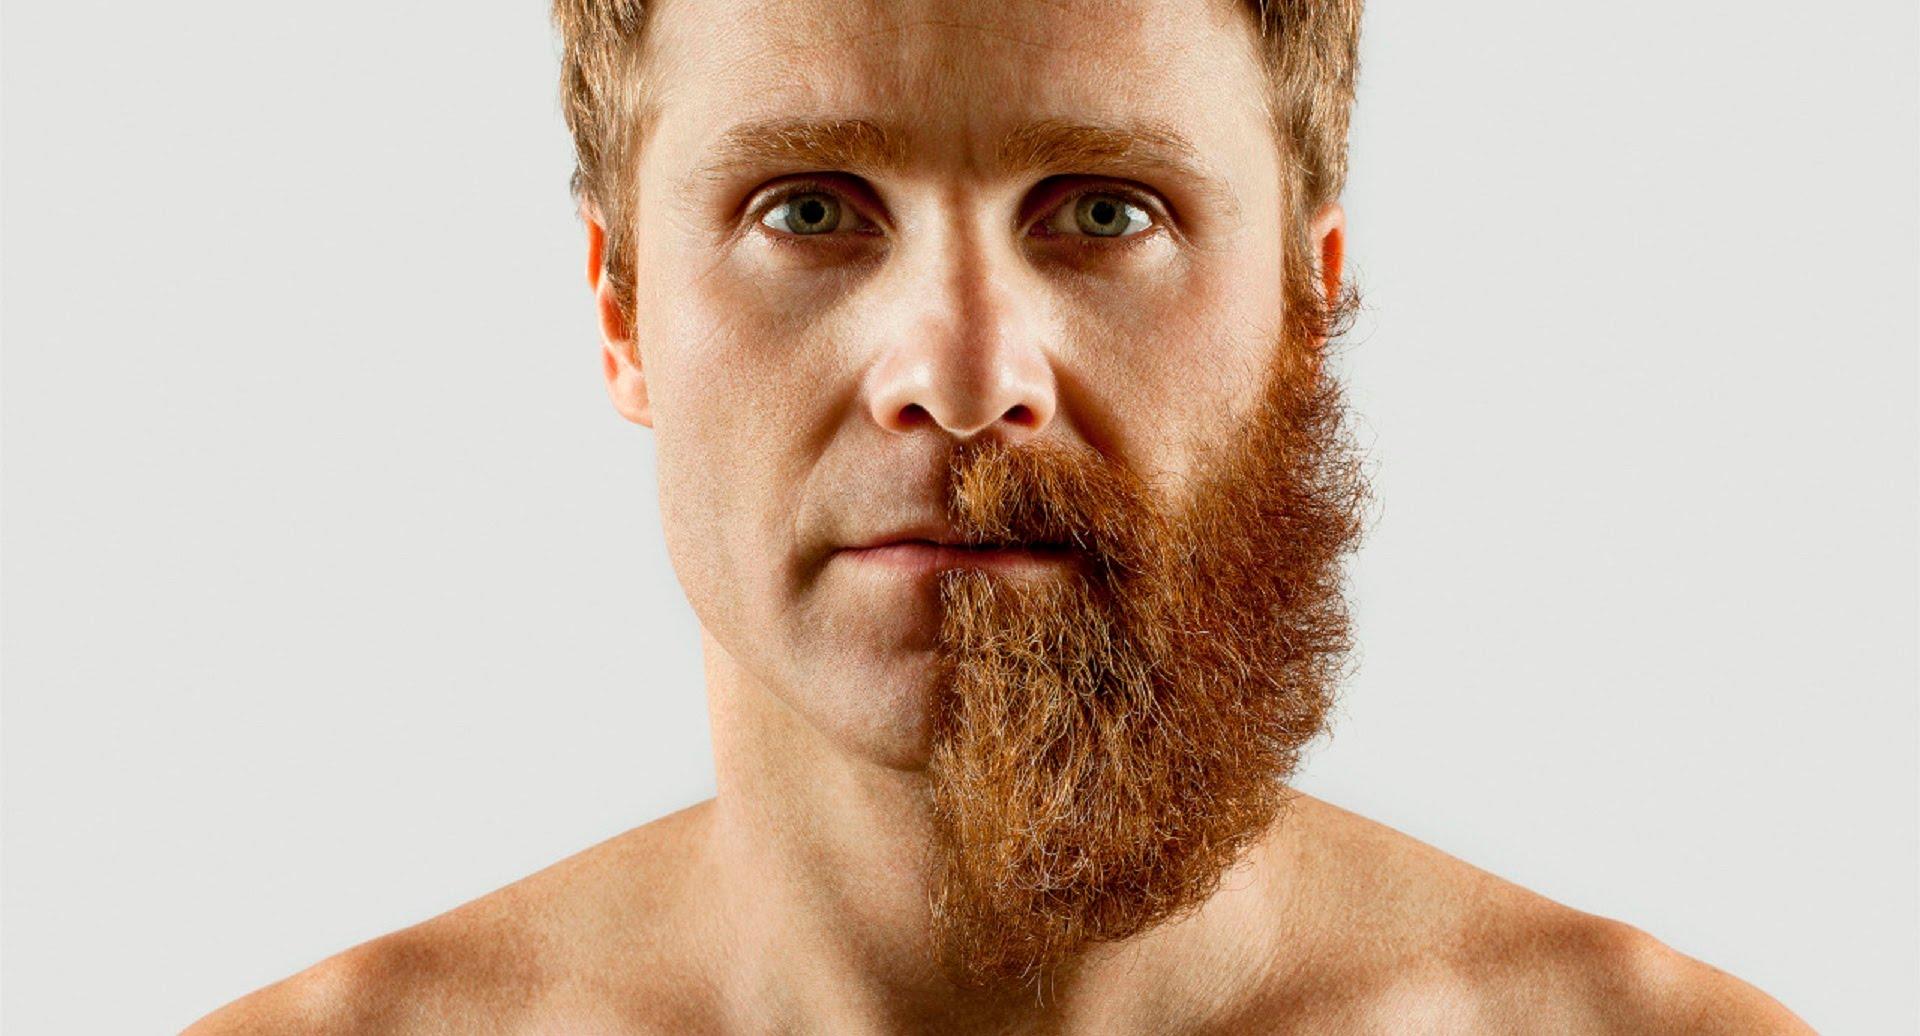 Как сделать, чтобы росла борода. Приемы для быстрого роста бороды